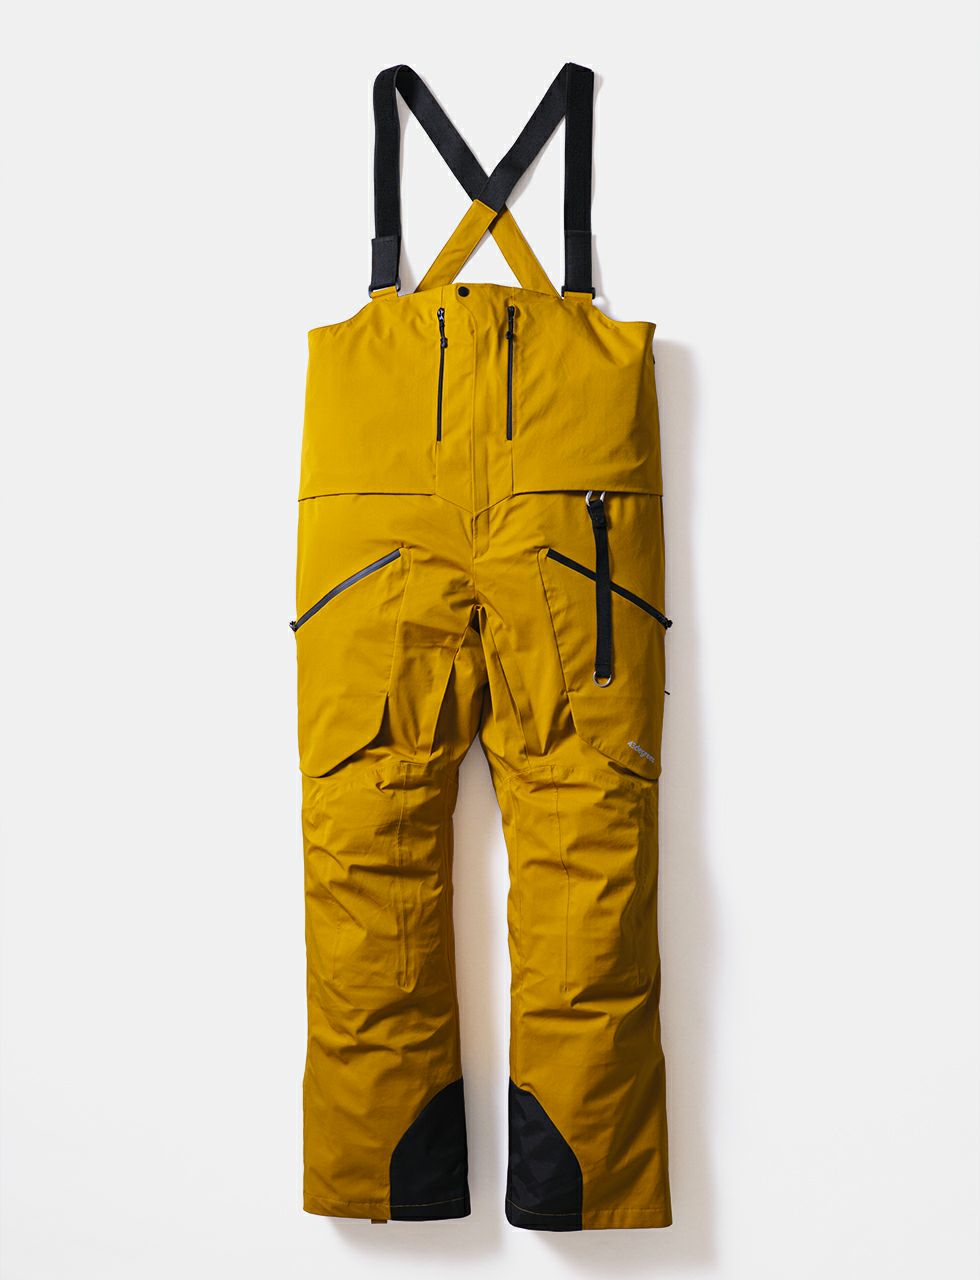 2020-21モデル Hang Pants スノーボードウェア ハングパンツ ビブパンツ